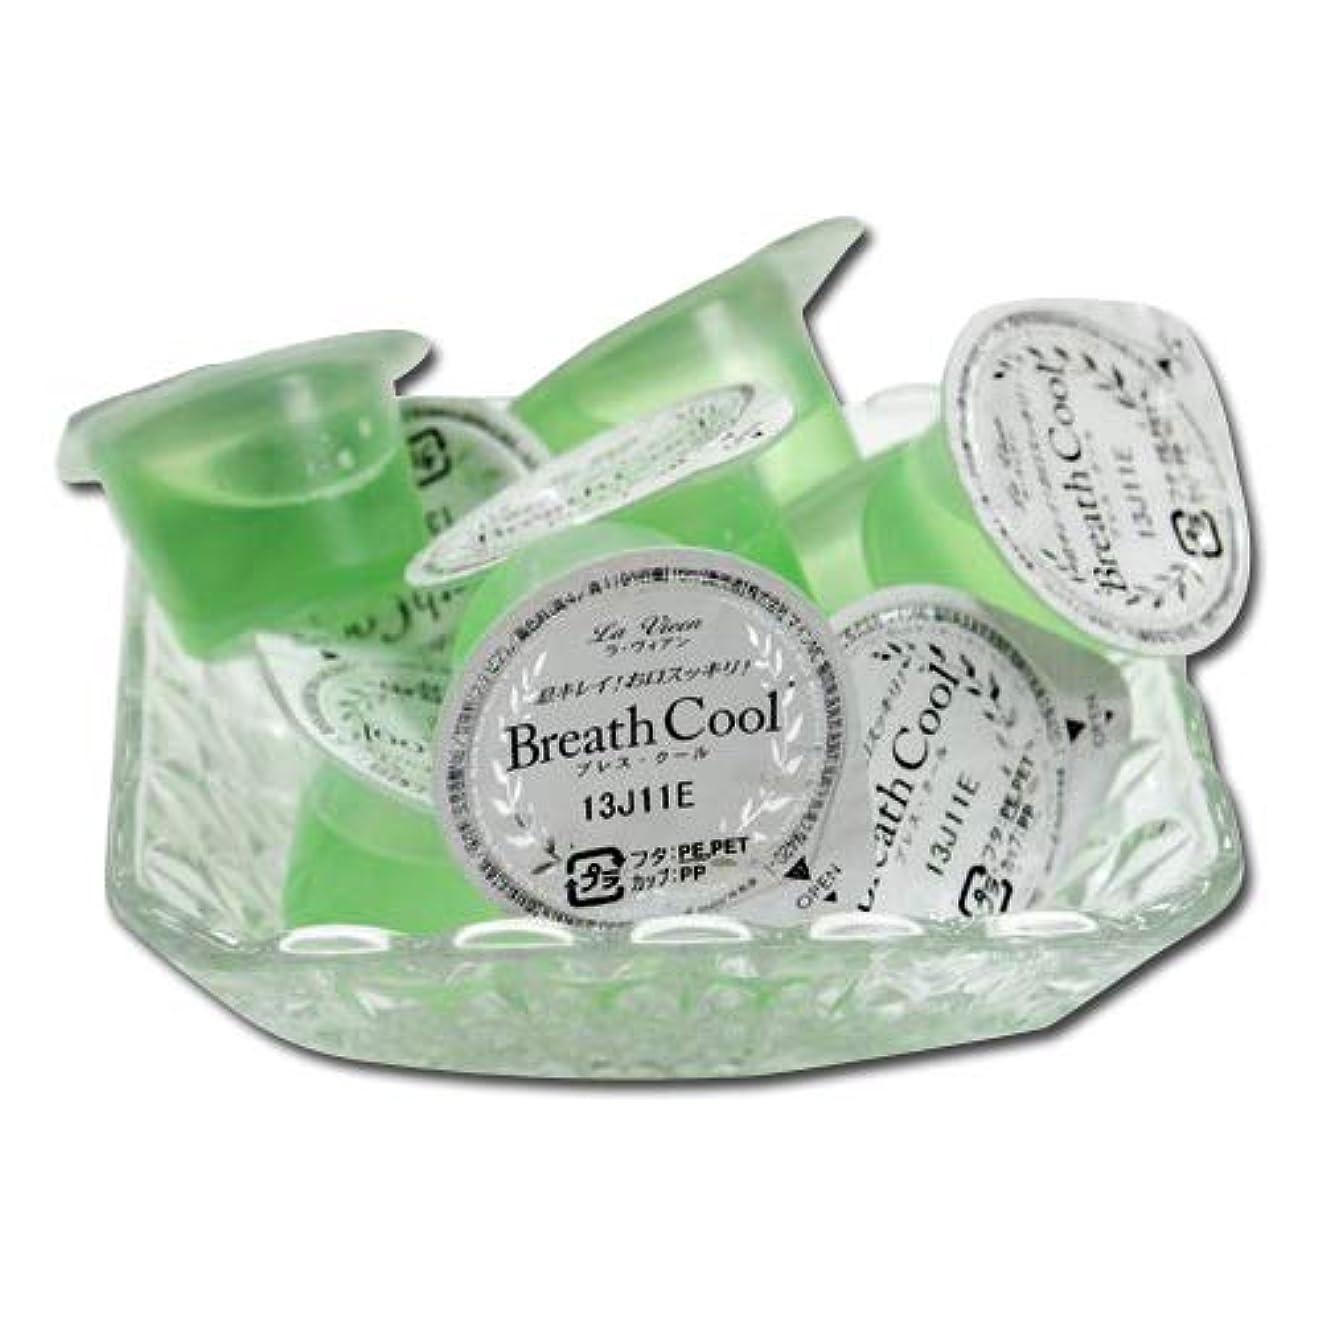 石灰岩アクチュエータ生産的マウスウォッシュ ラヴィアン ブレスクール 16ml×25個セット│使い切りカップ 口臭予防 オーラルケア 使い捨て モンダミン